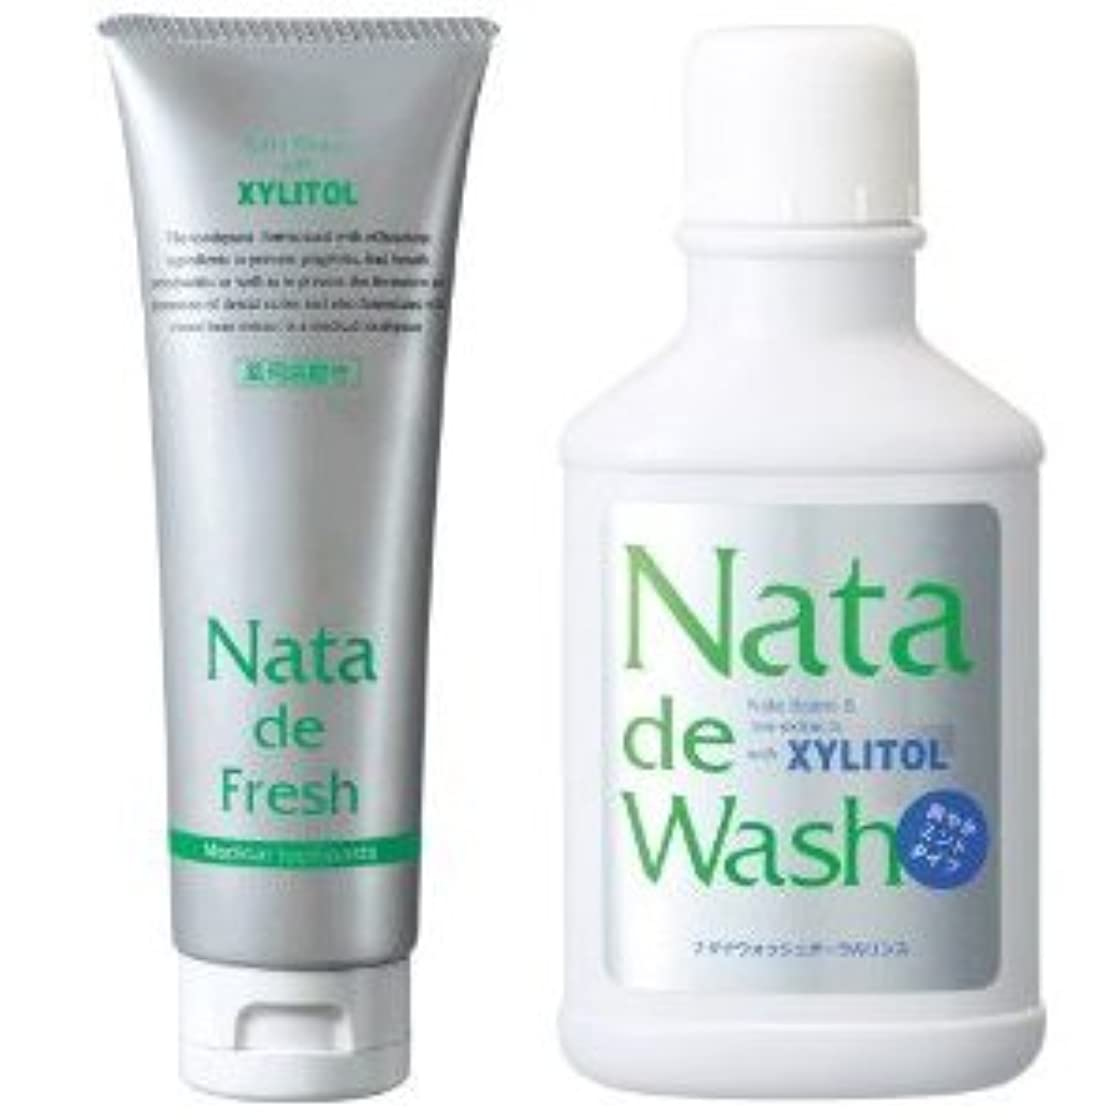 ほかに観察する特性ナタデウォッシュ 口内環境セット 歯磨き+マウスウォッシュ バラデフレッシュ+バラデウォッシュ